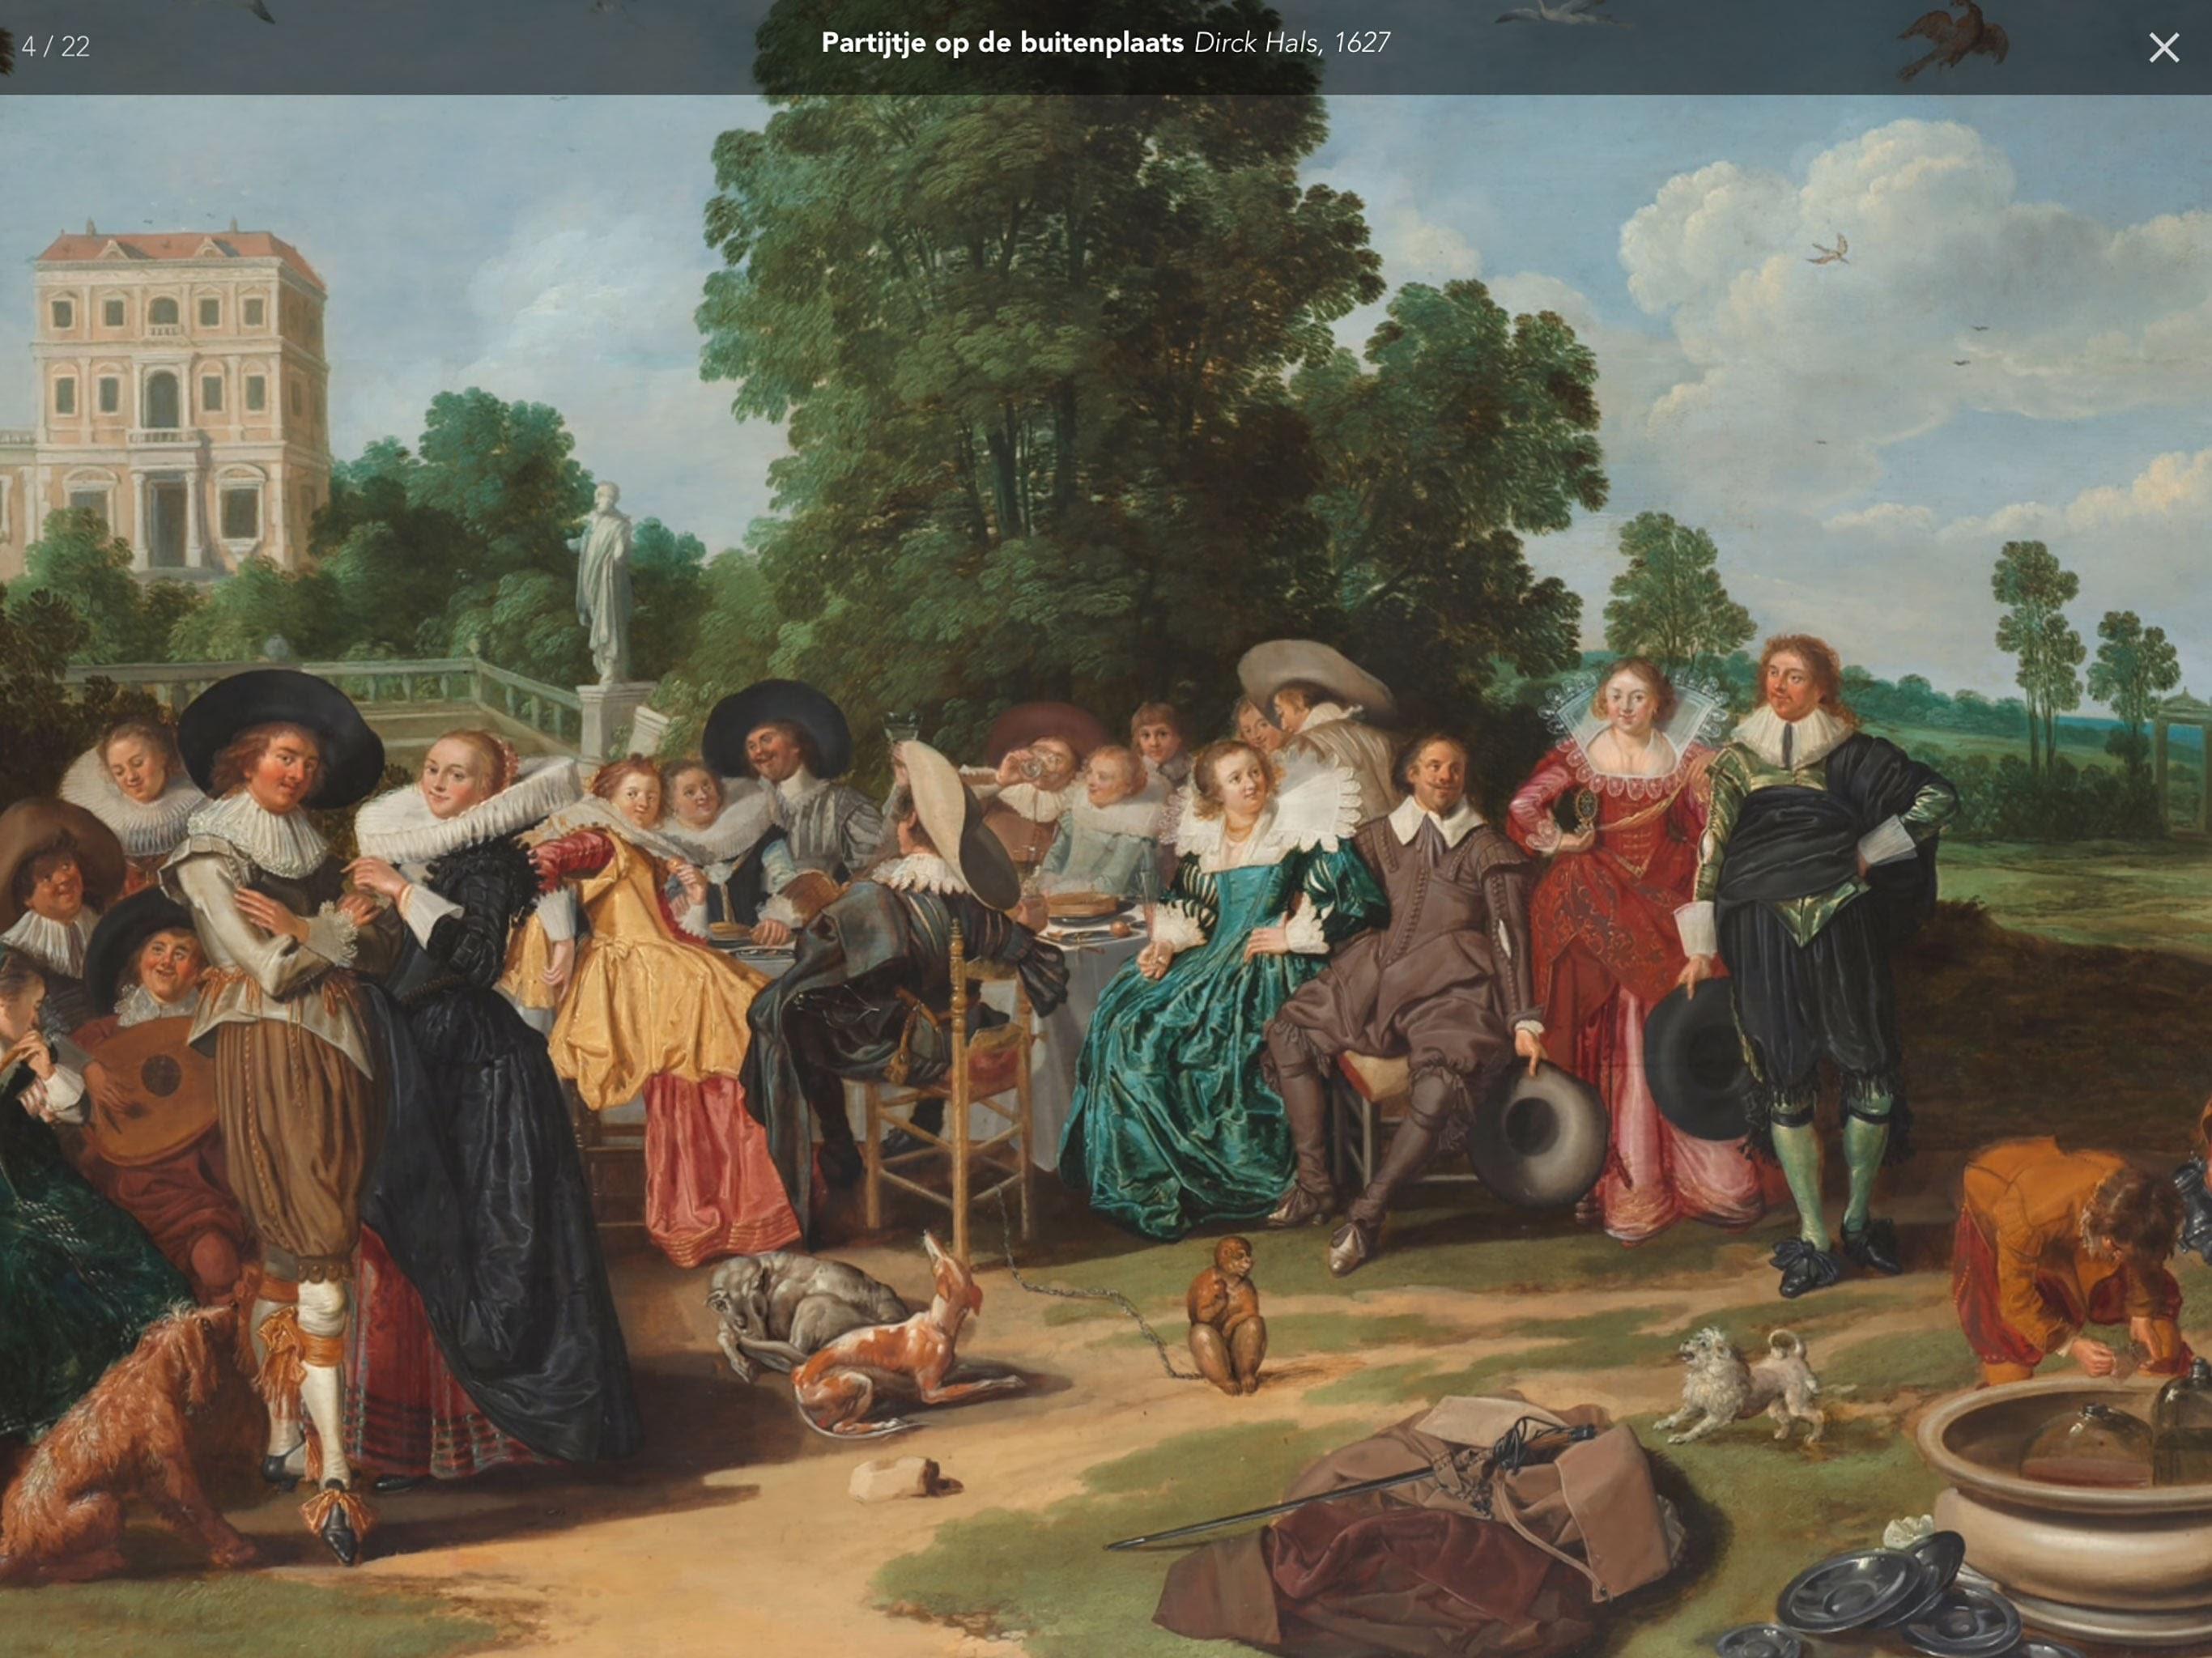 Partijtje op de buitenplaats van Dirk Hals 1627